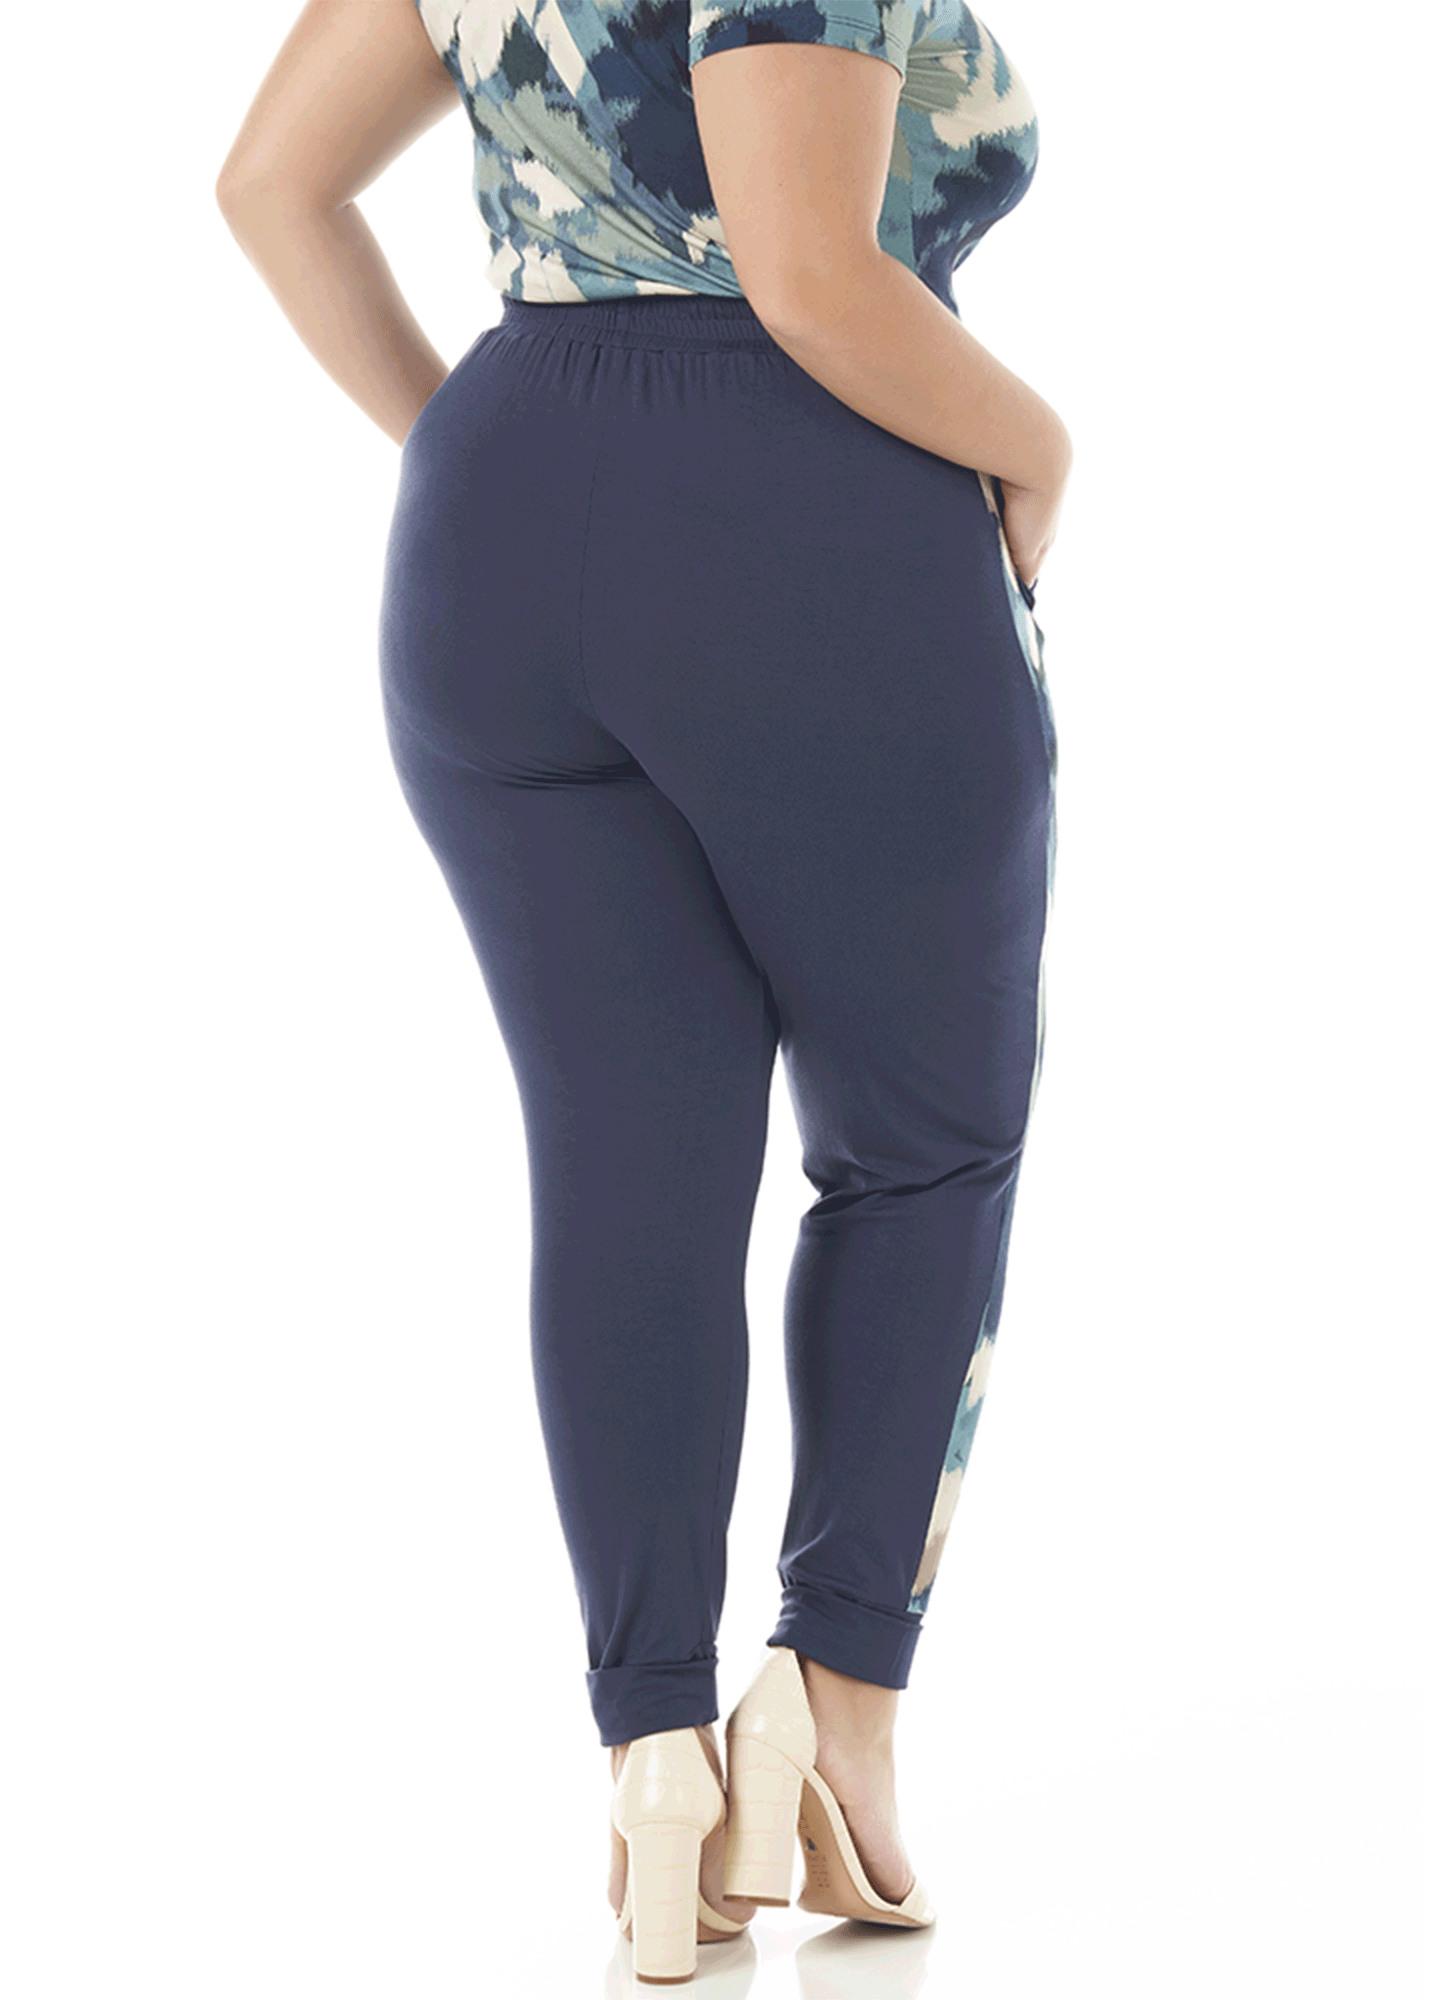 Calça Feminina Viscose Azul com Faixa Lateral Estampada com Bolso na Frente Cós de Elástico com Cordão de Enfeite